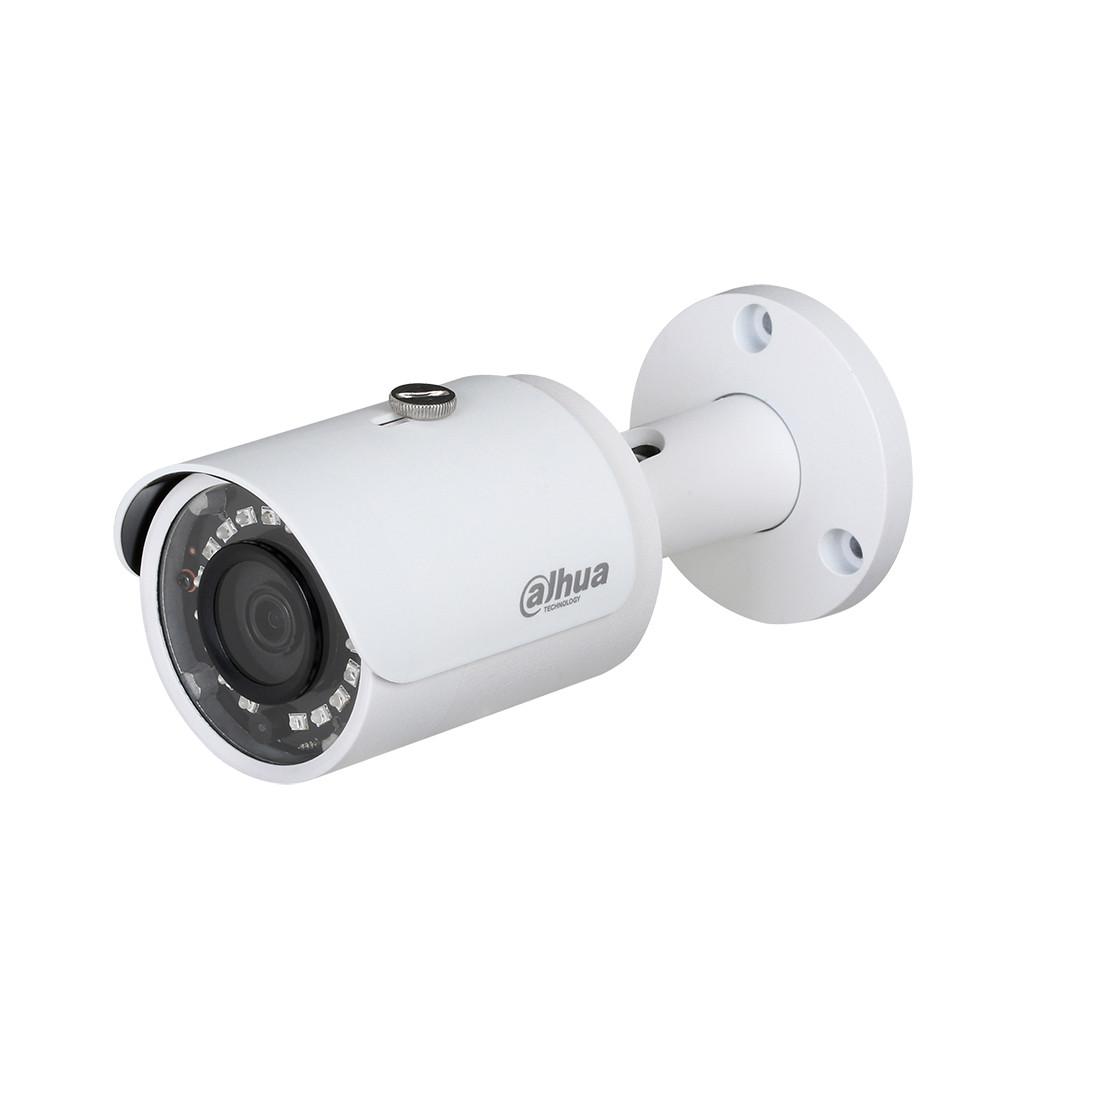 Распродажа Цилиндрическая видеокамера Dahua DH-IPC-HFW1020S-0360B